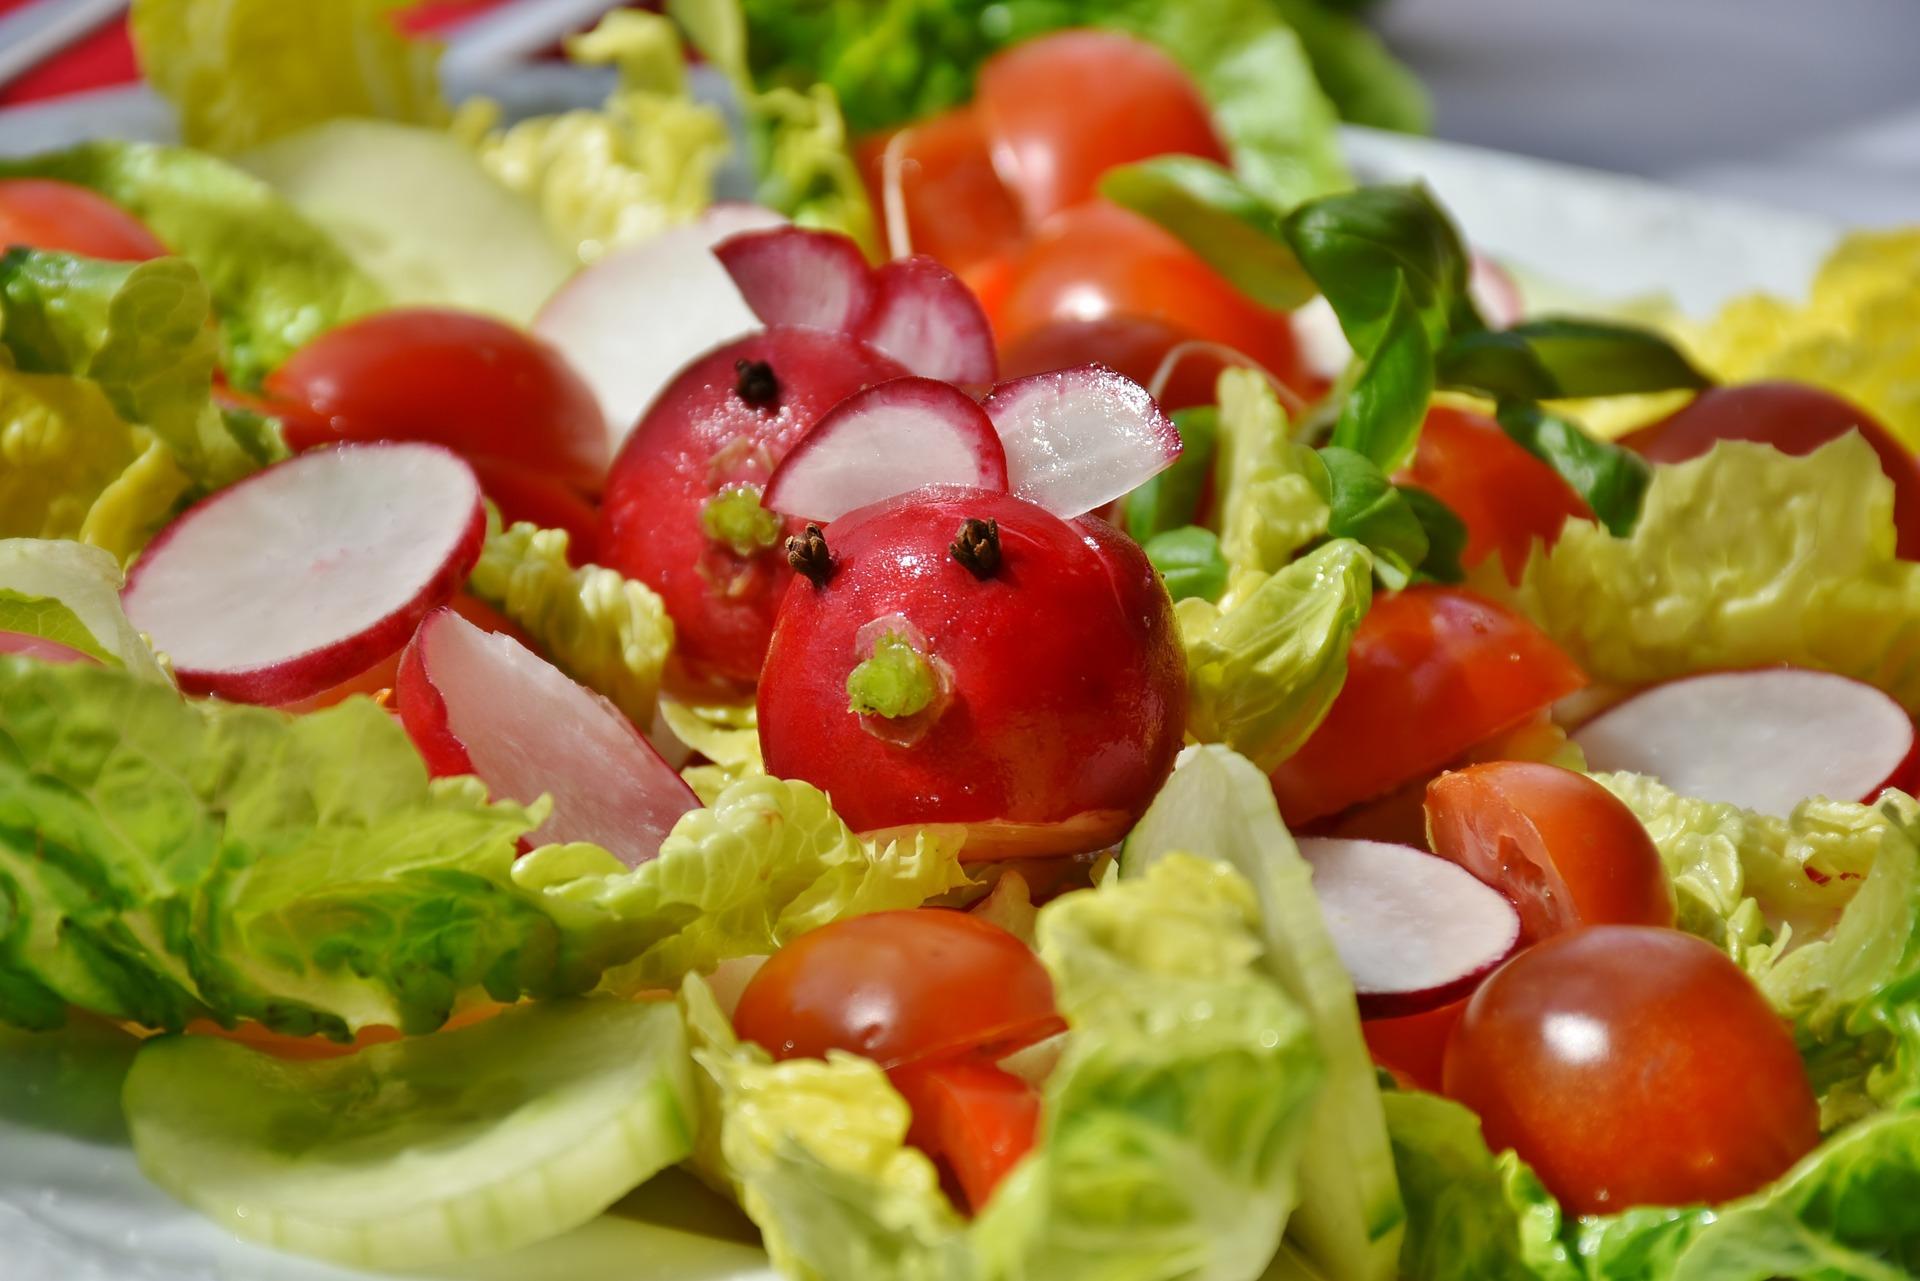 Открытках сыну, салат в картинках фото